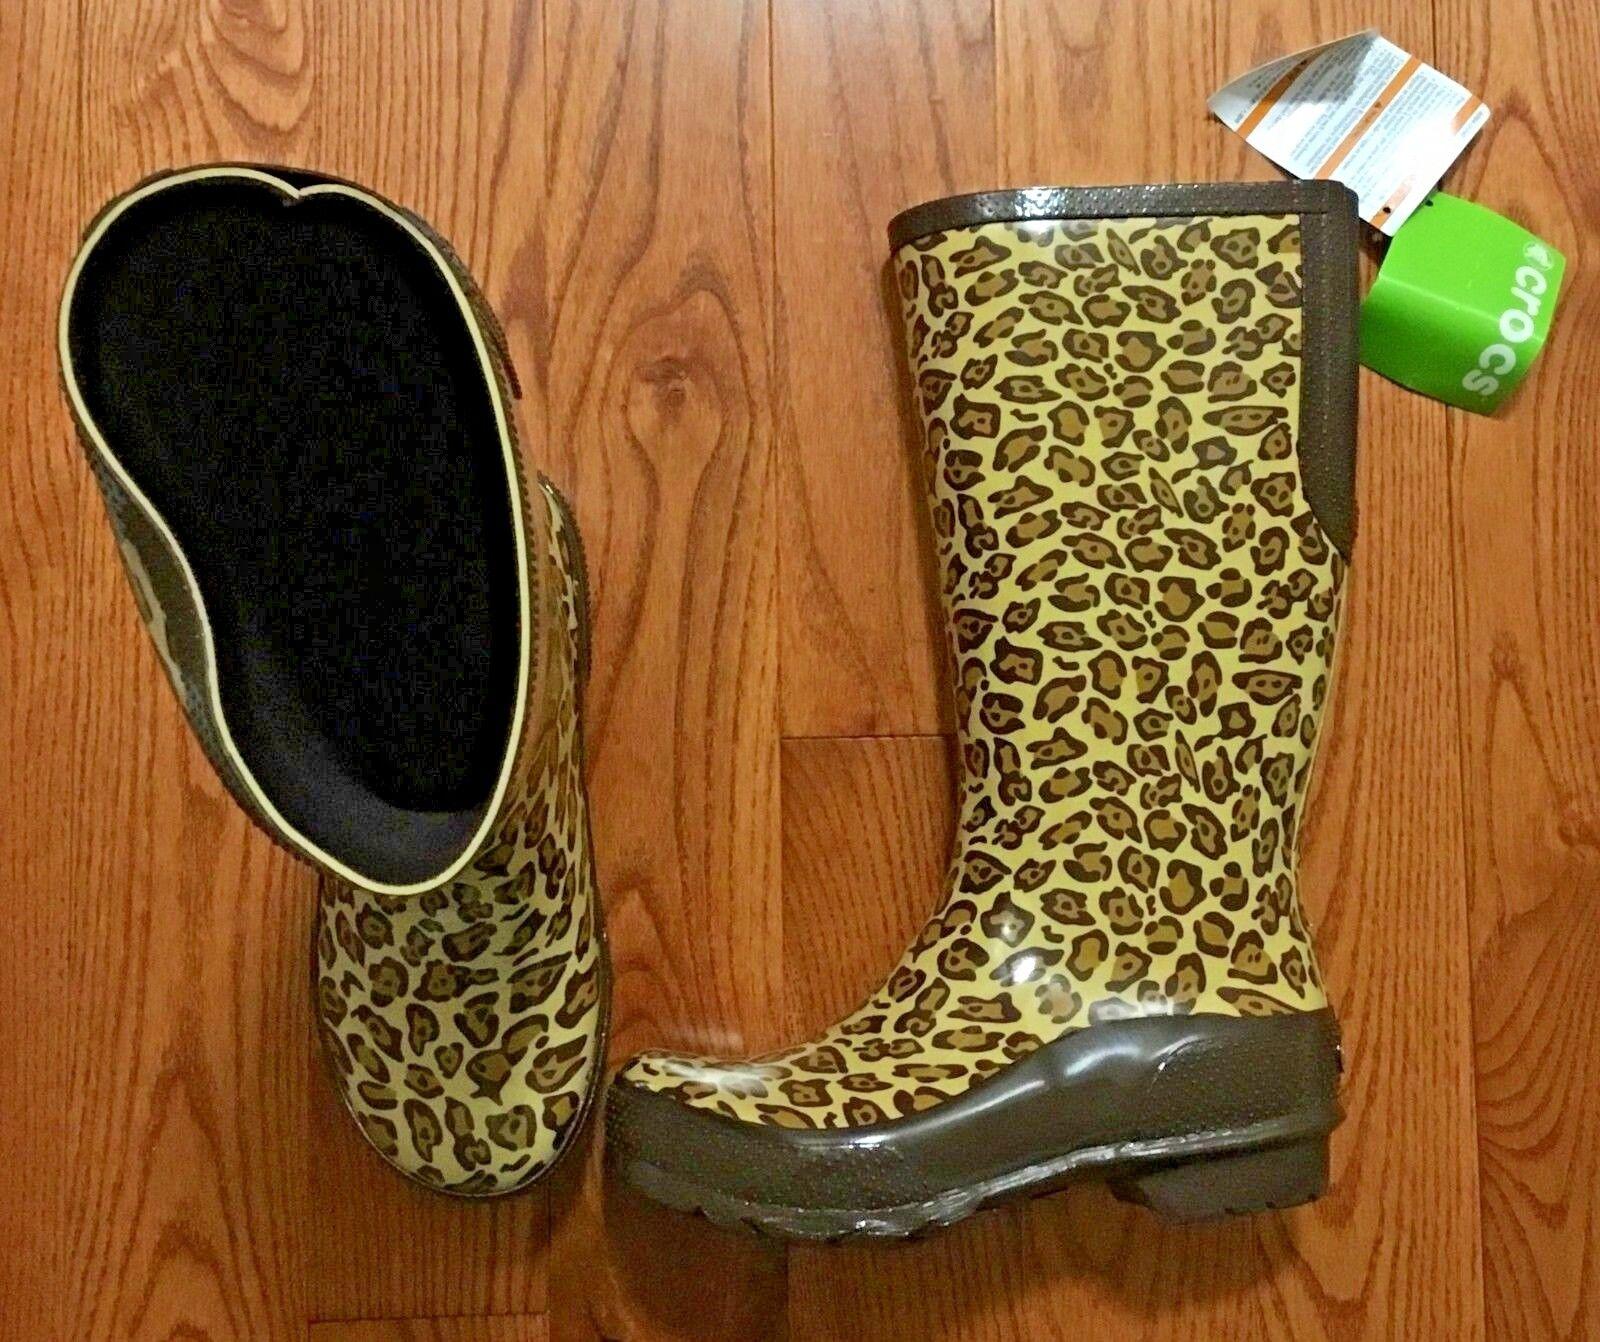 Crocs Cheetah Impreso Impreso Impreso botas De Lluvia Talla 7 Nuevo con etiquetas  primera reputación de los clientes primero